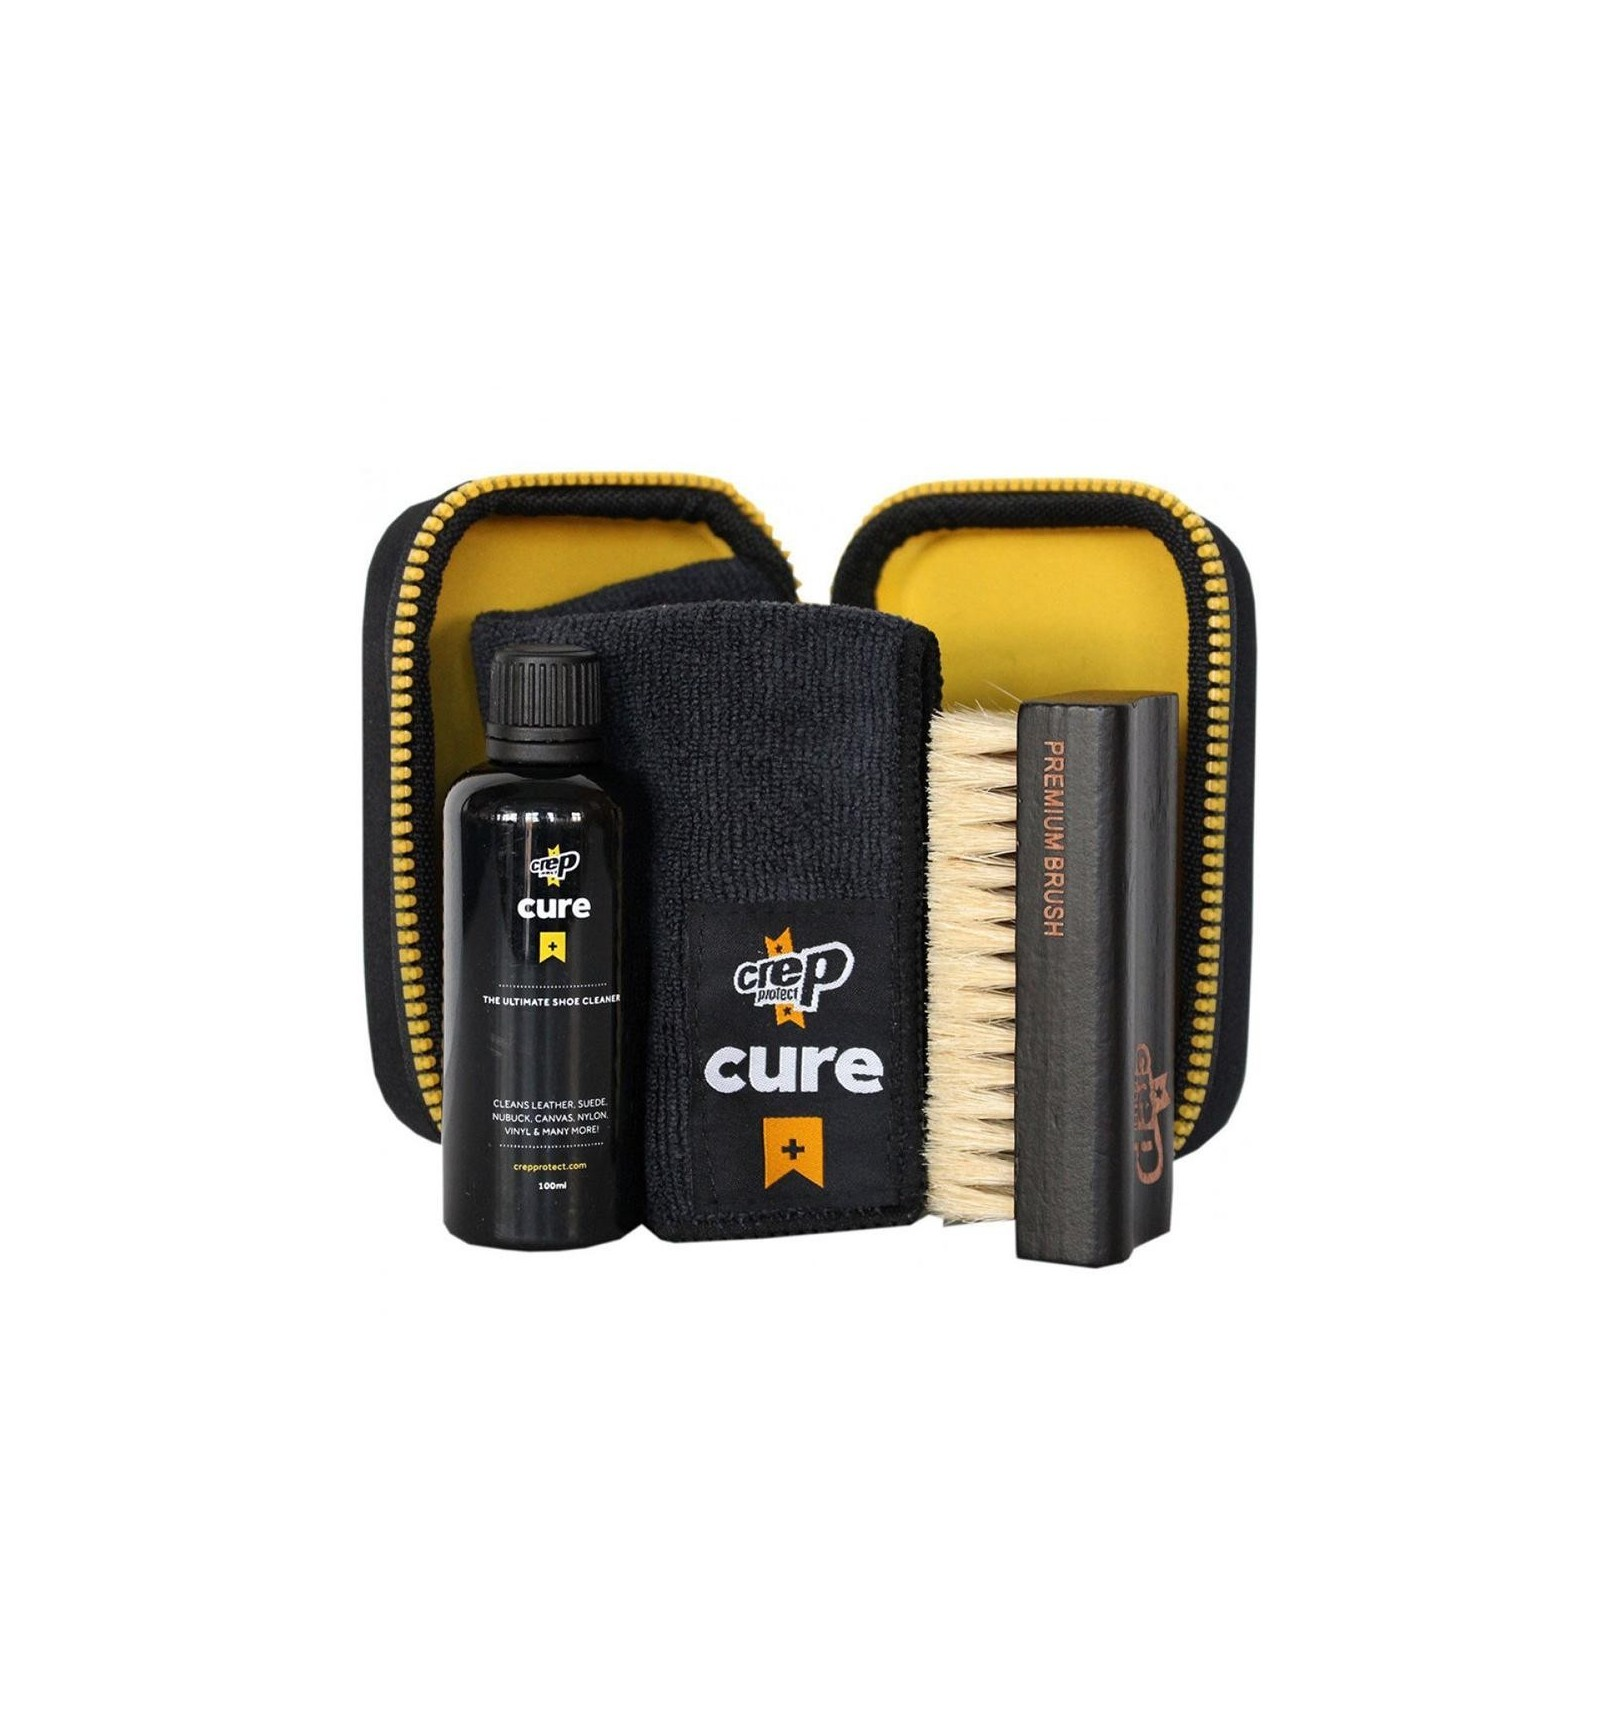 Acherter Crep Protect Kit de nettoyage Cure à emporter | JD